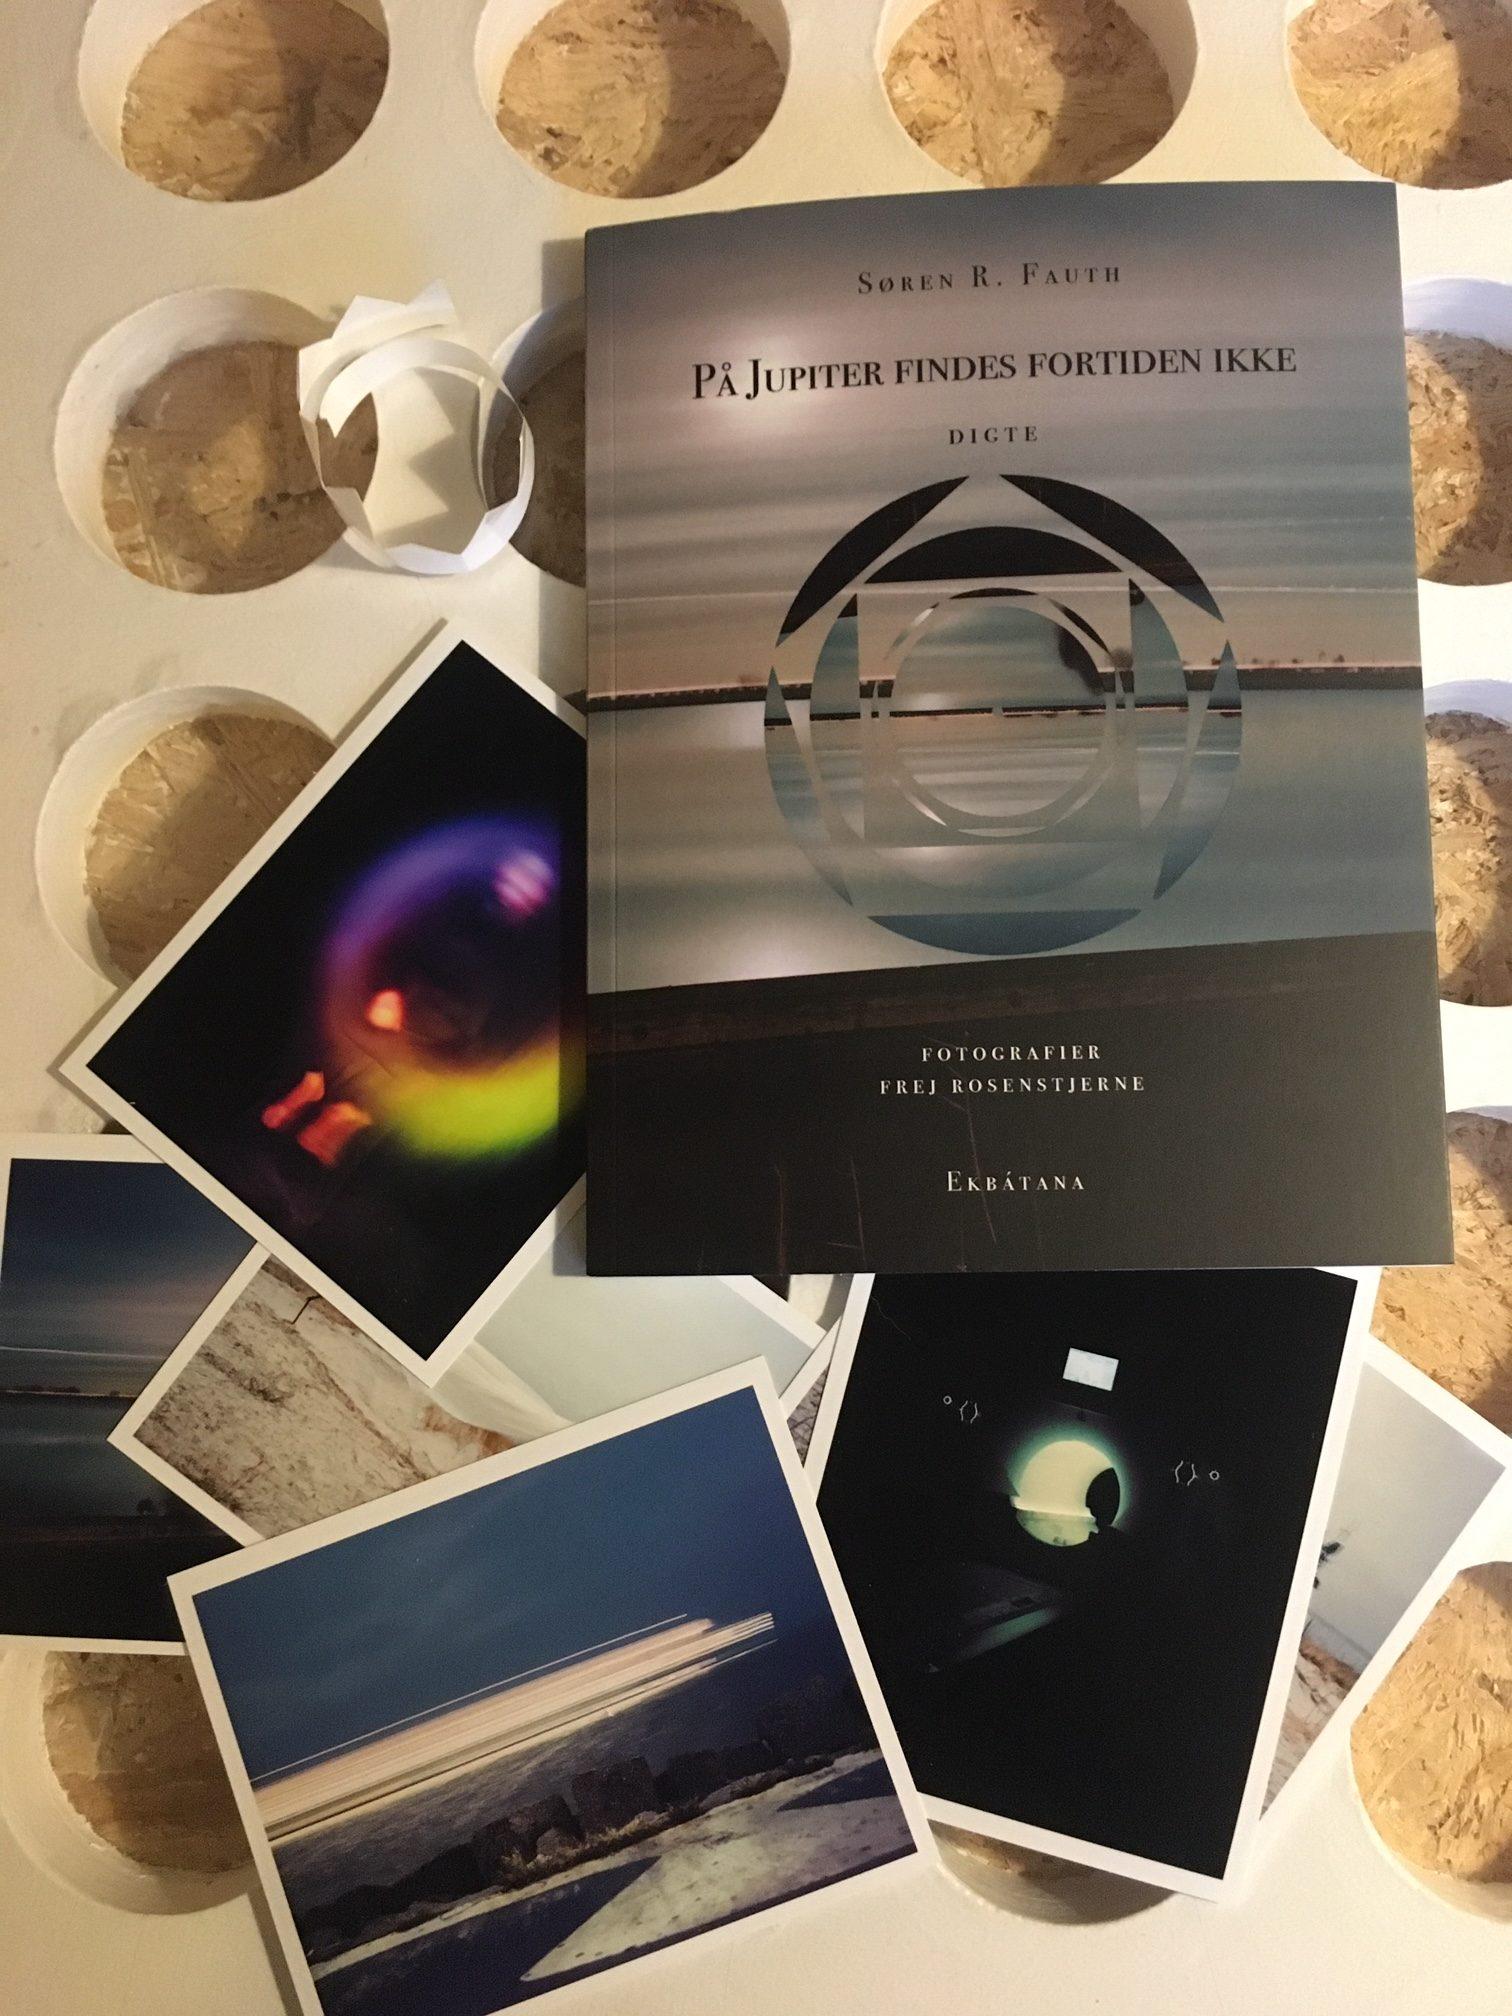 På Jupiter findes fortiden ikke, 2. oplag, Søren R. Fauth, Frej Rosenstjerne